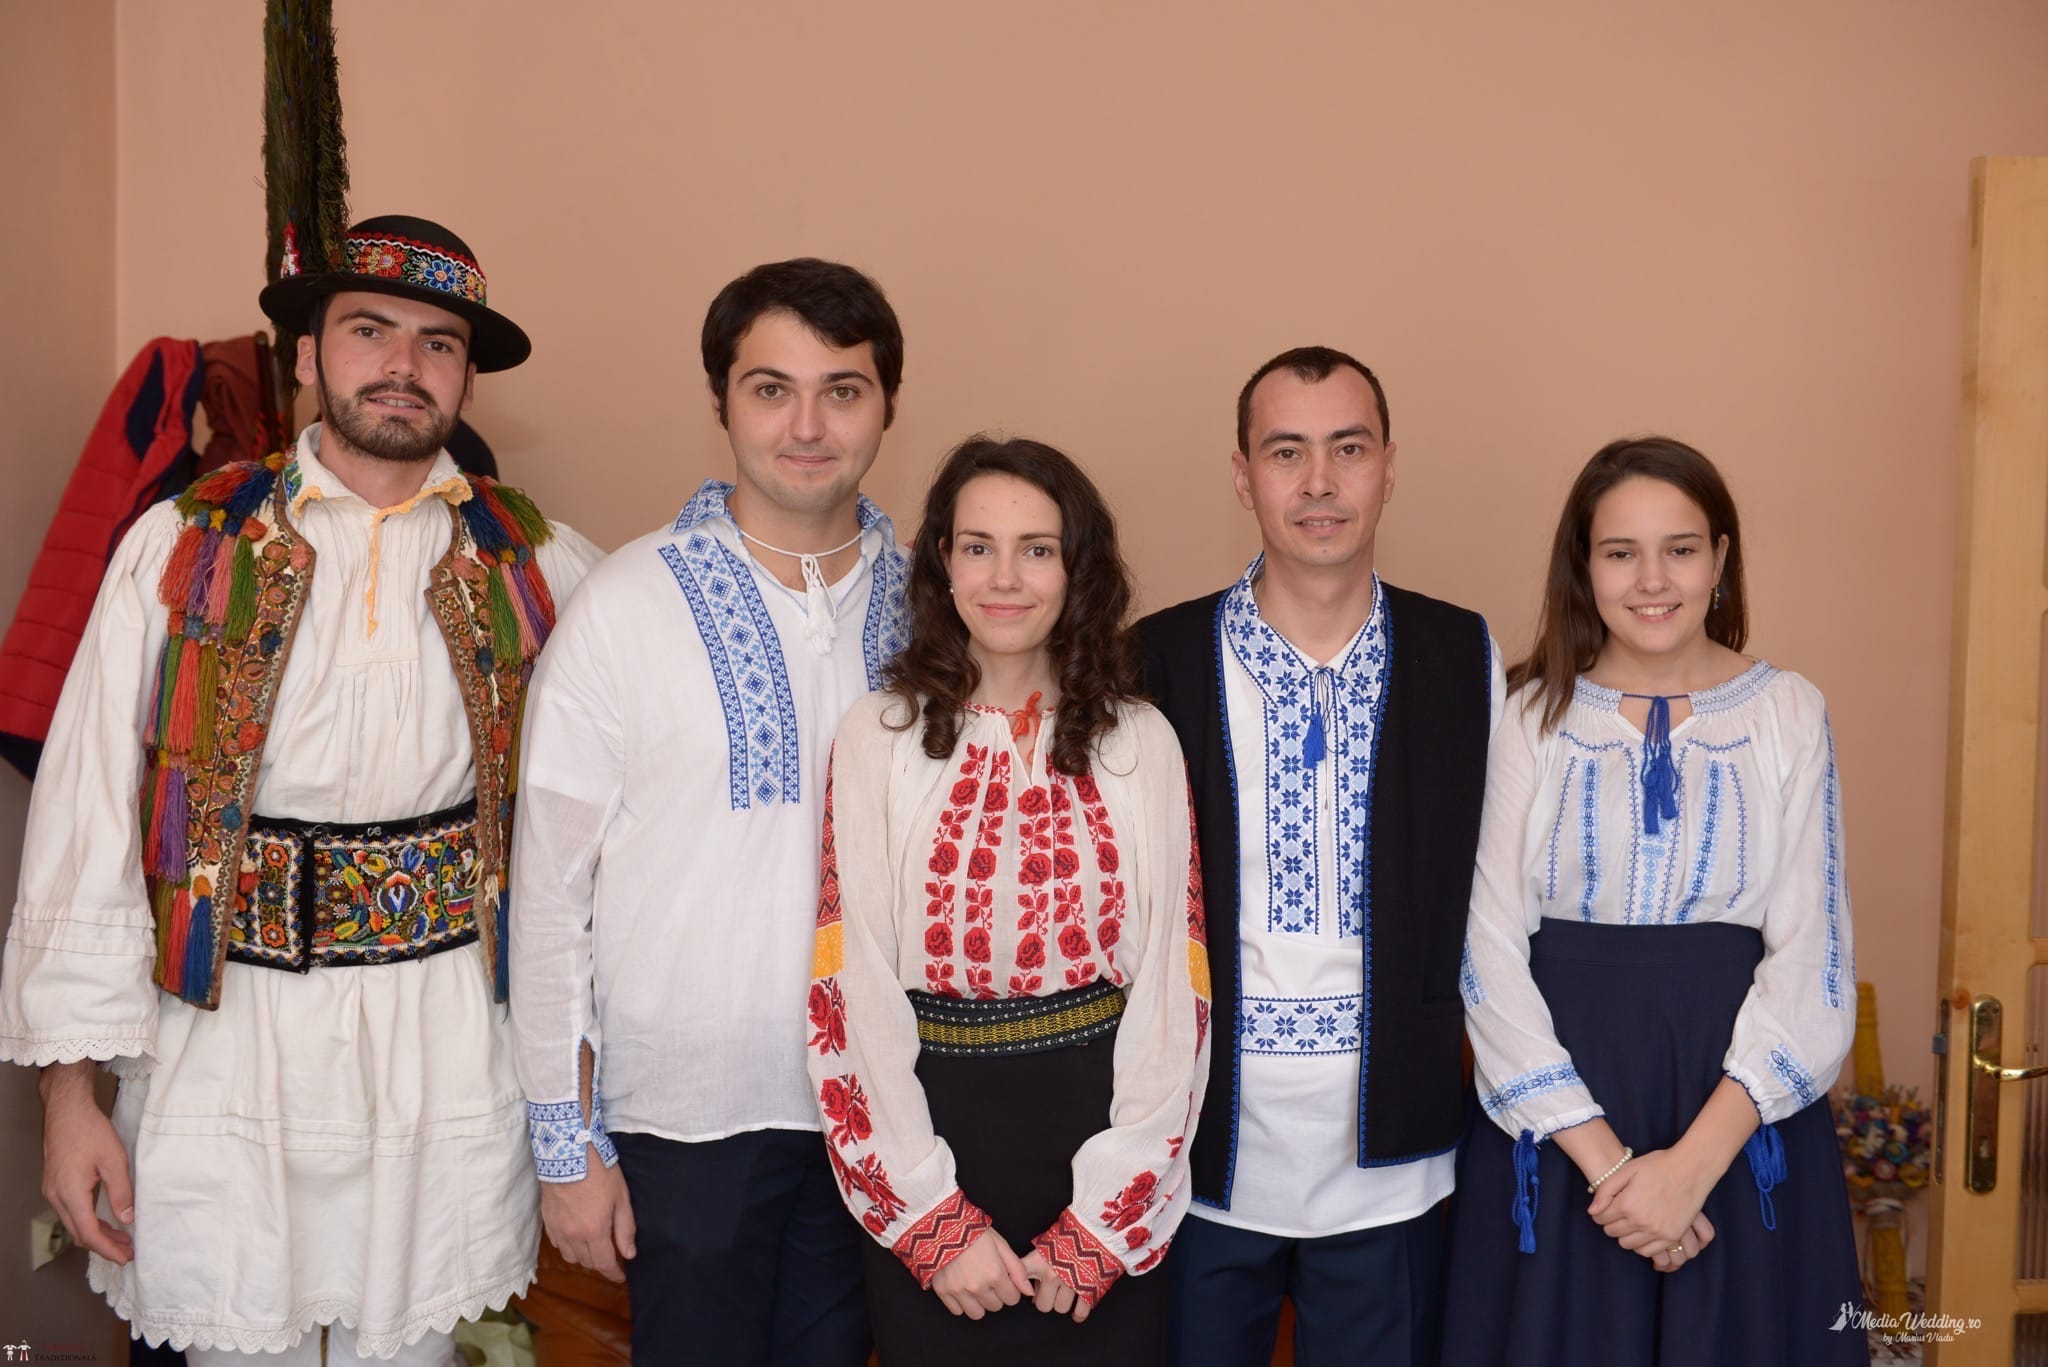 Povești Nunți Tradiționale - Alina-Maria și Ilie, nuntă tradițională în București 6